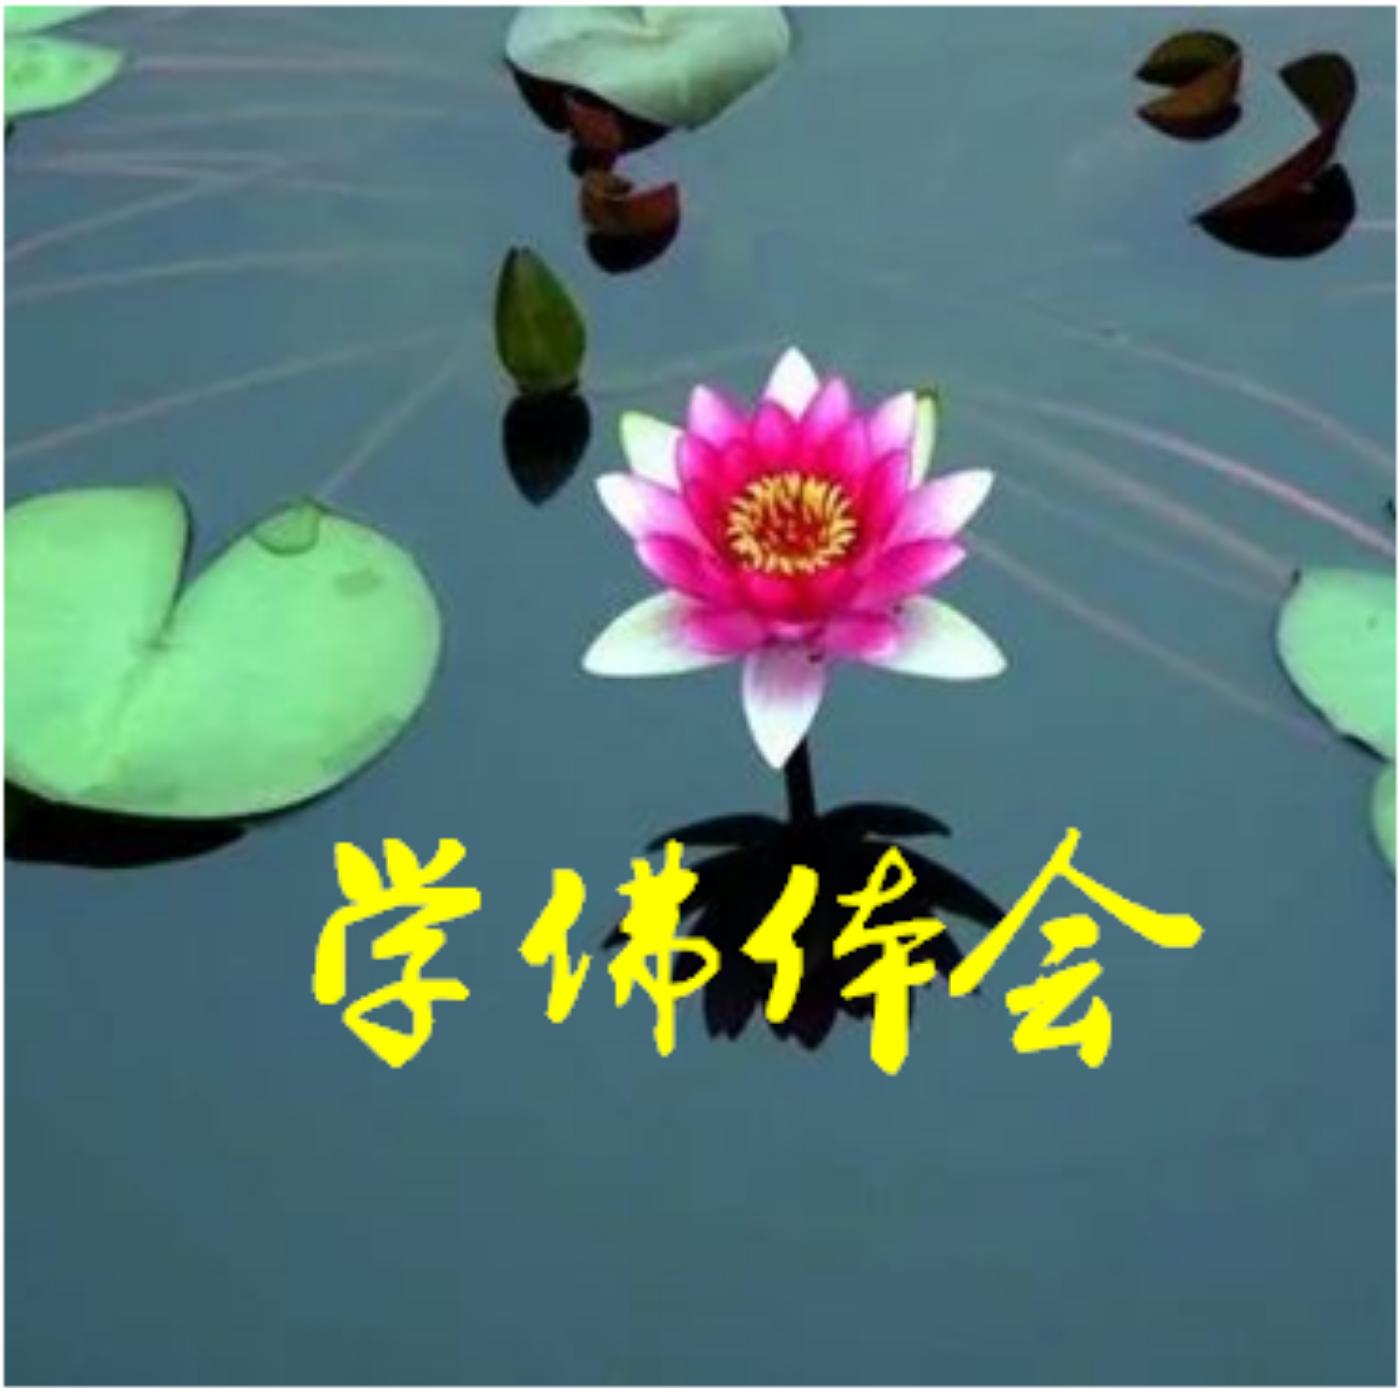 佛法是智慧的教育